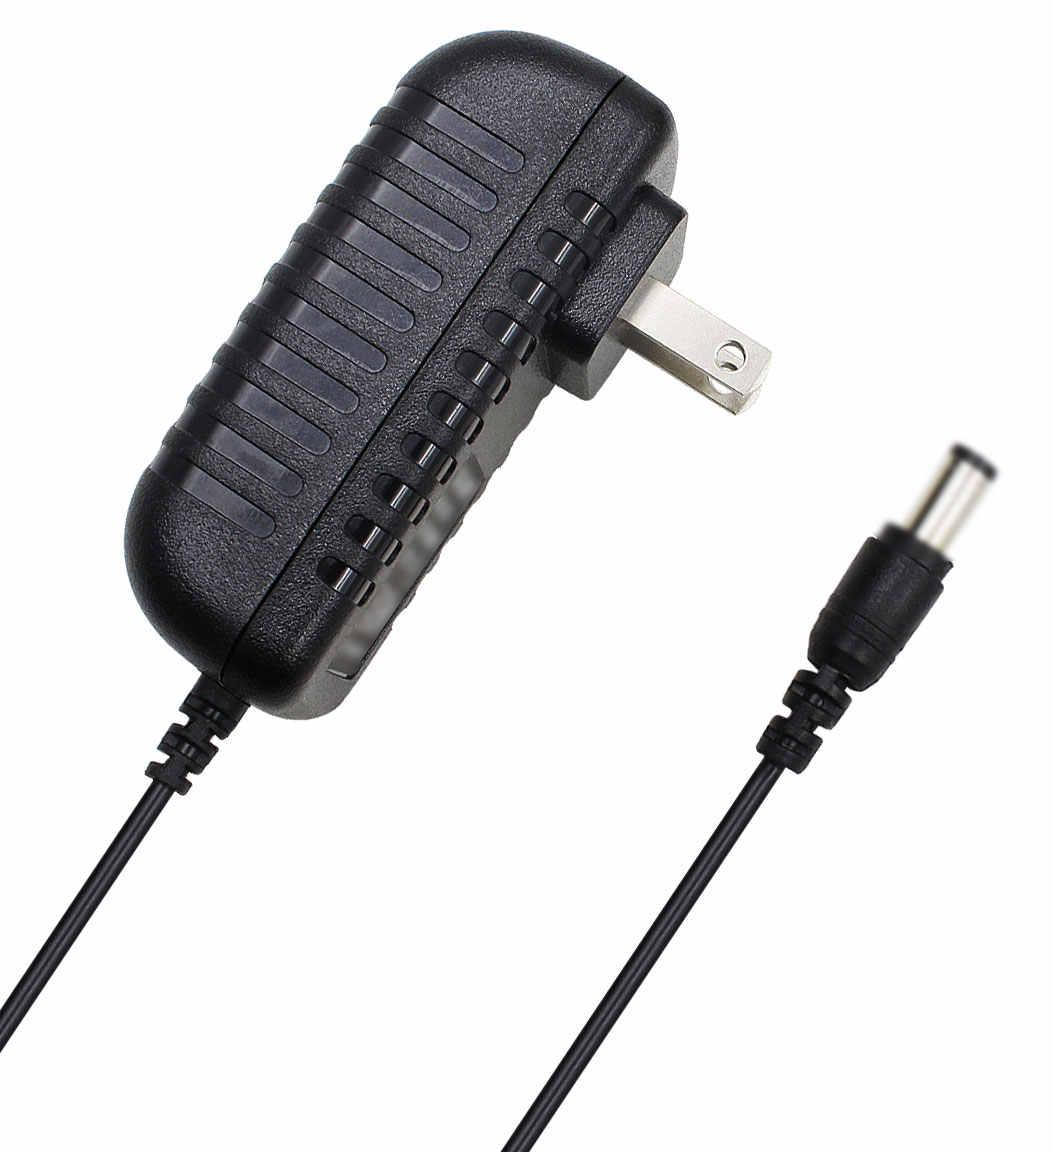 9V AC//DC Ladekabel Netzteil Ladegerät für Zoom H2 H4 Handy Recorder